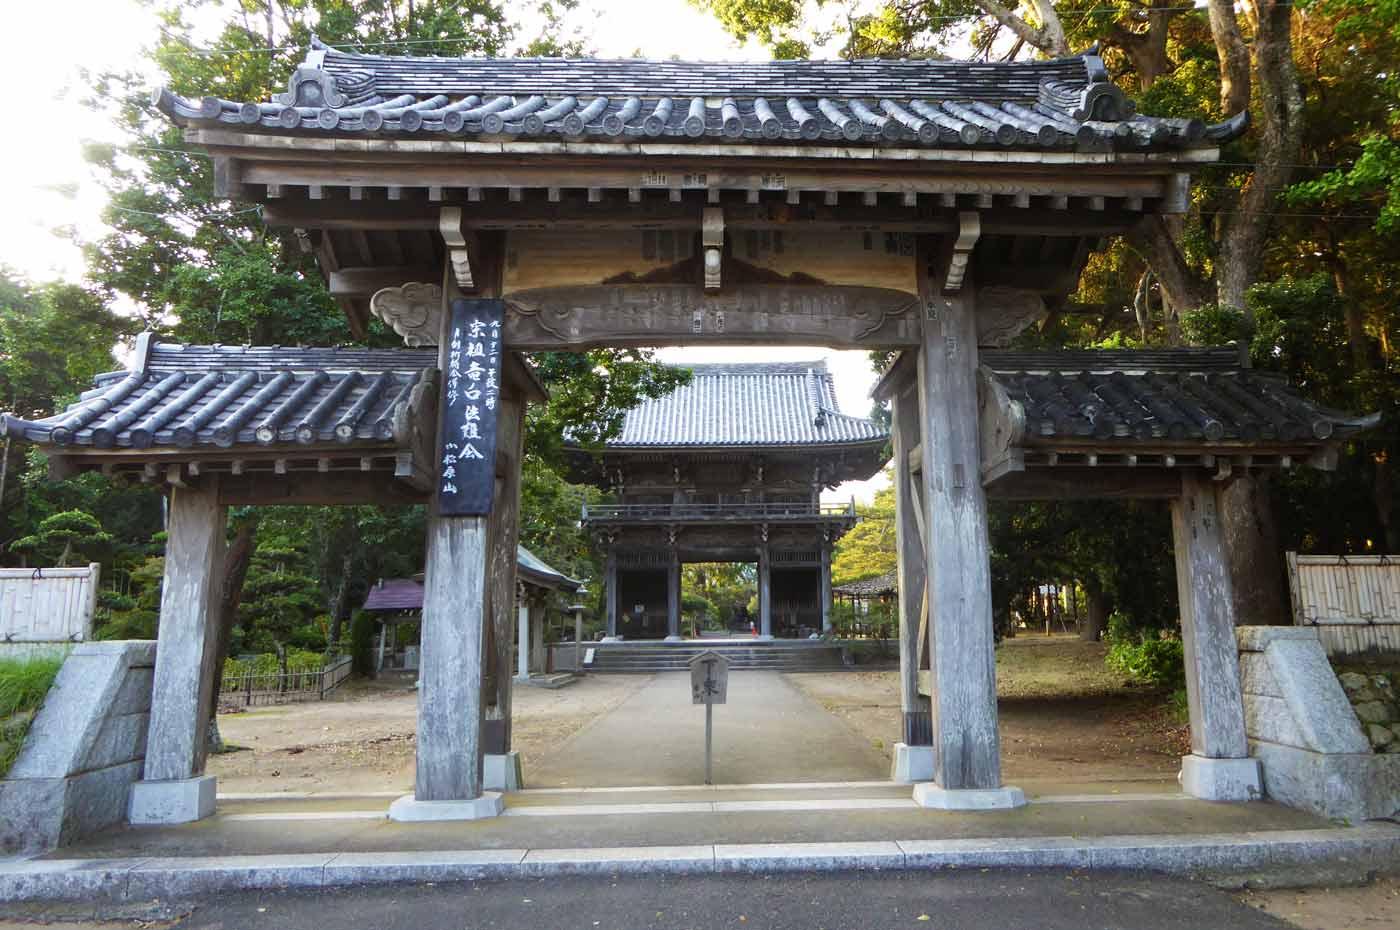 鏡忍寺の山門の写真